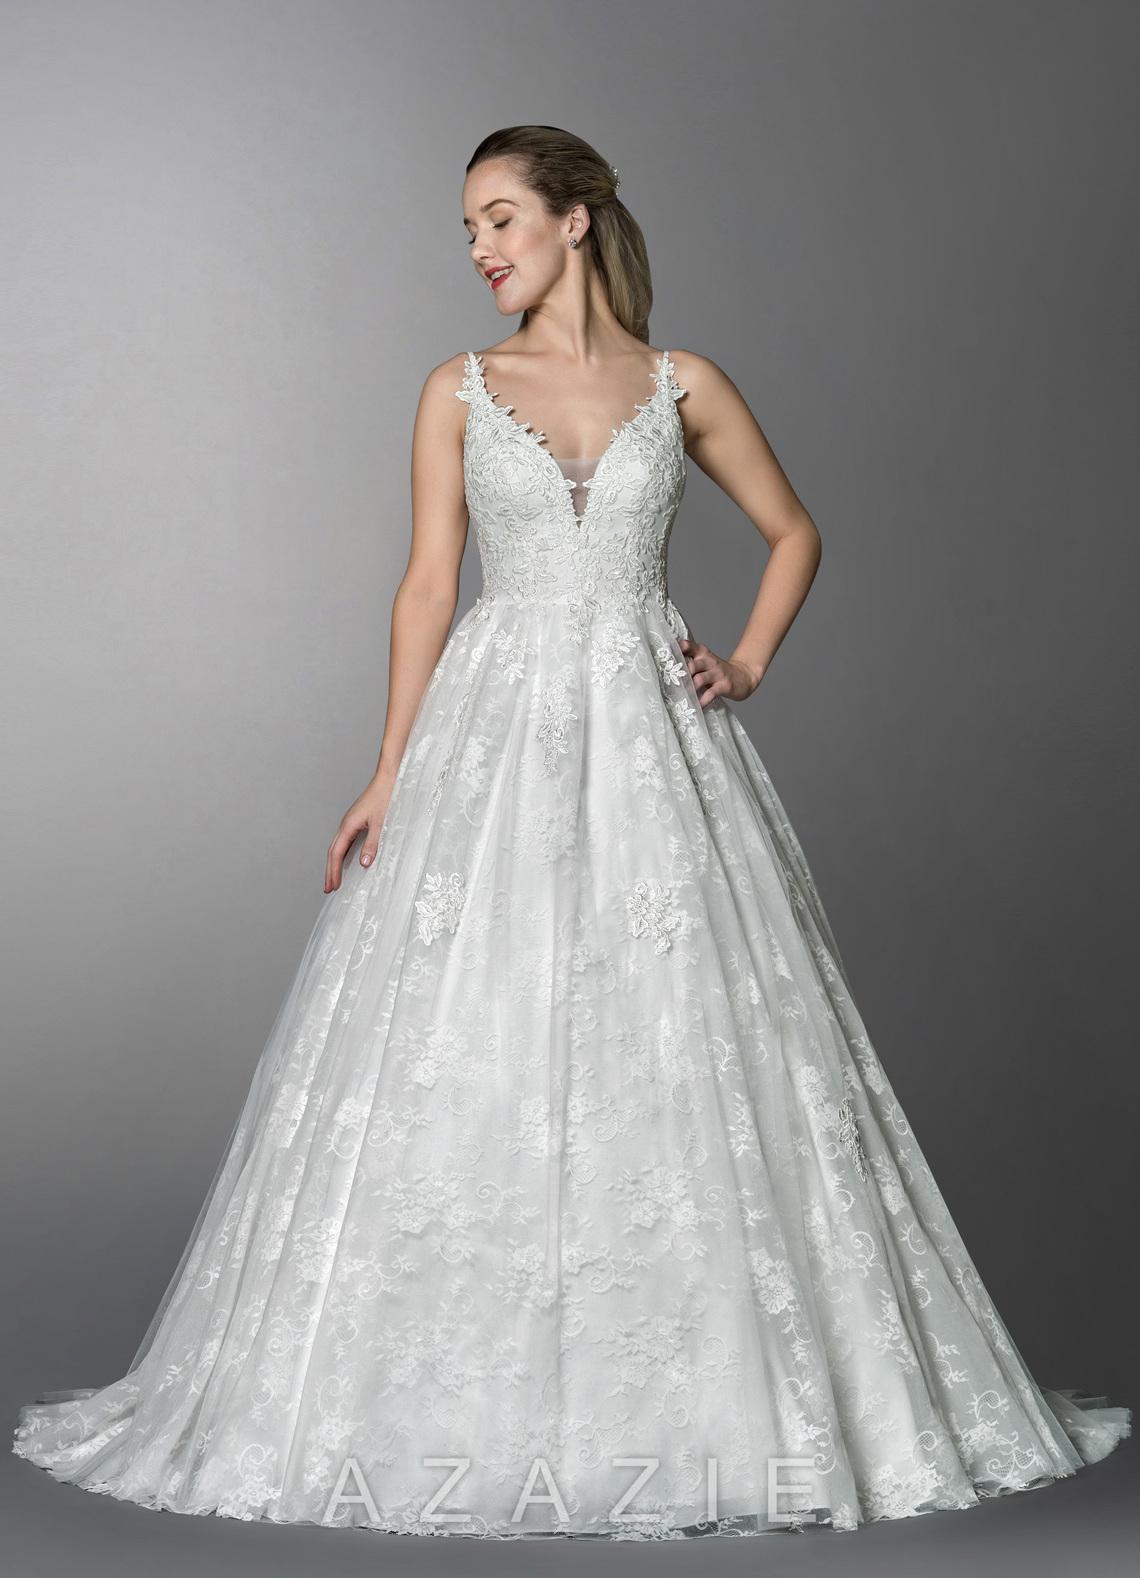 a7dd35125eec Azazie Jolene BG Wedding Dress | Azazie